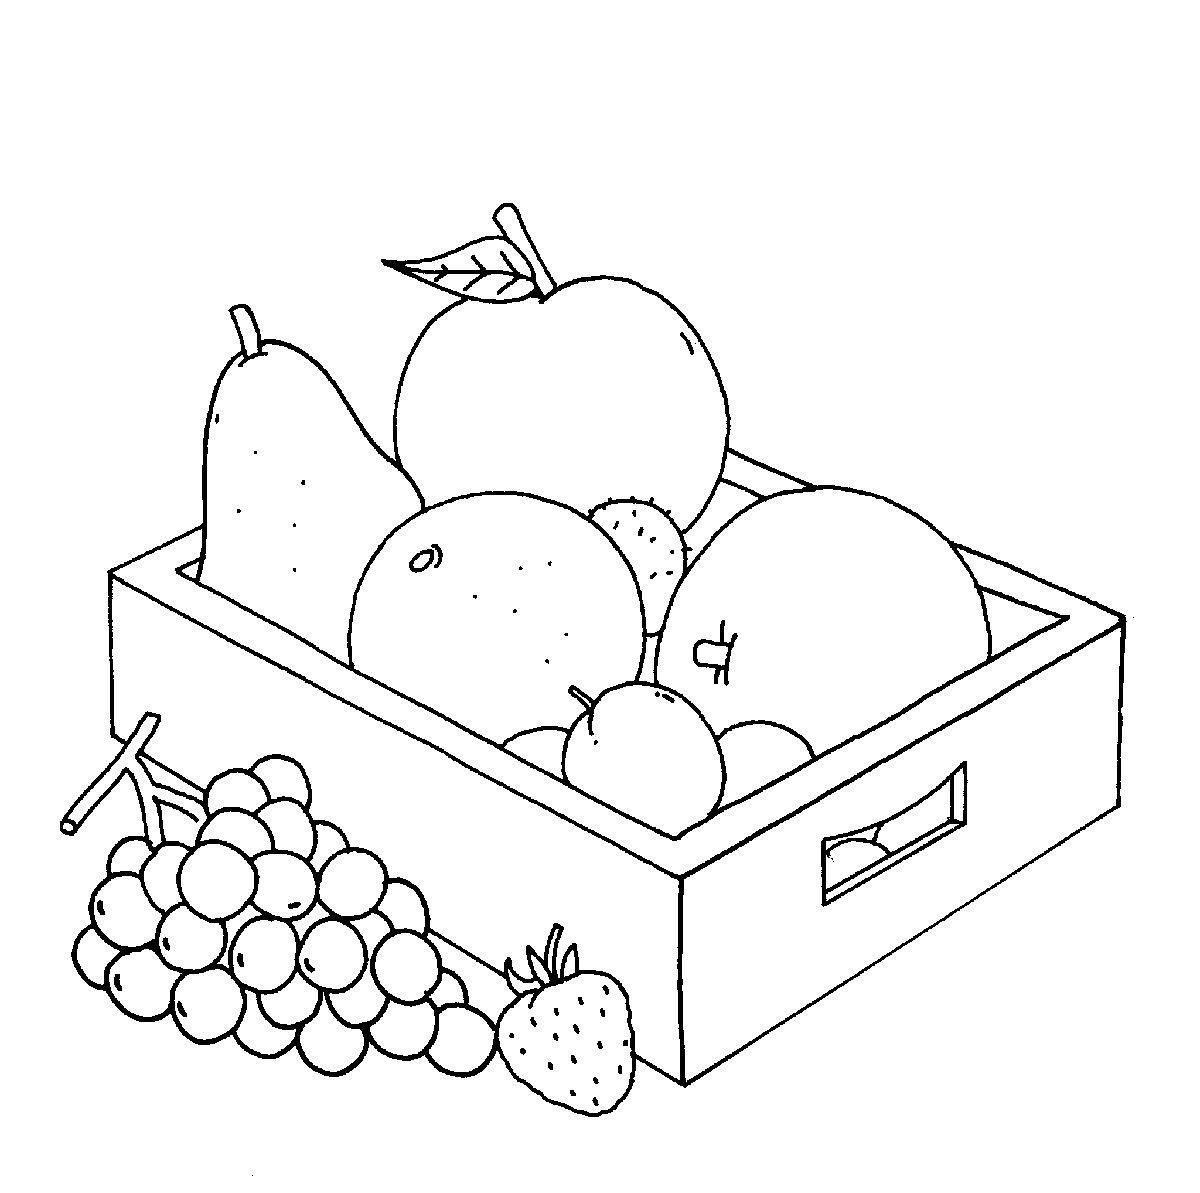 Ausmalbild Bauernhof: Obstkiste kostenlos ausdrucken | Ausmalbilder ...